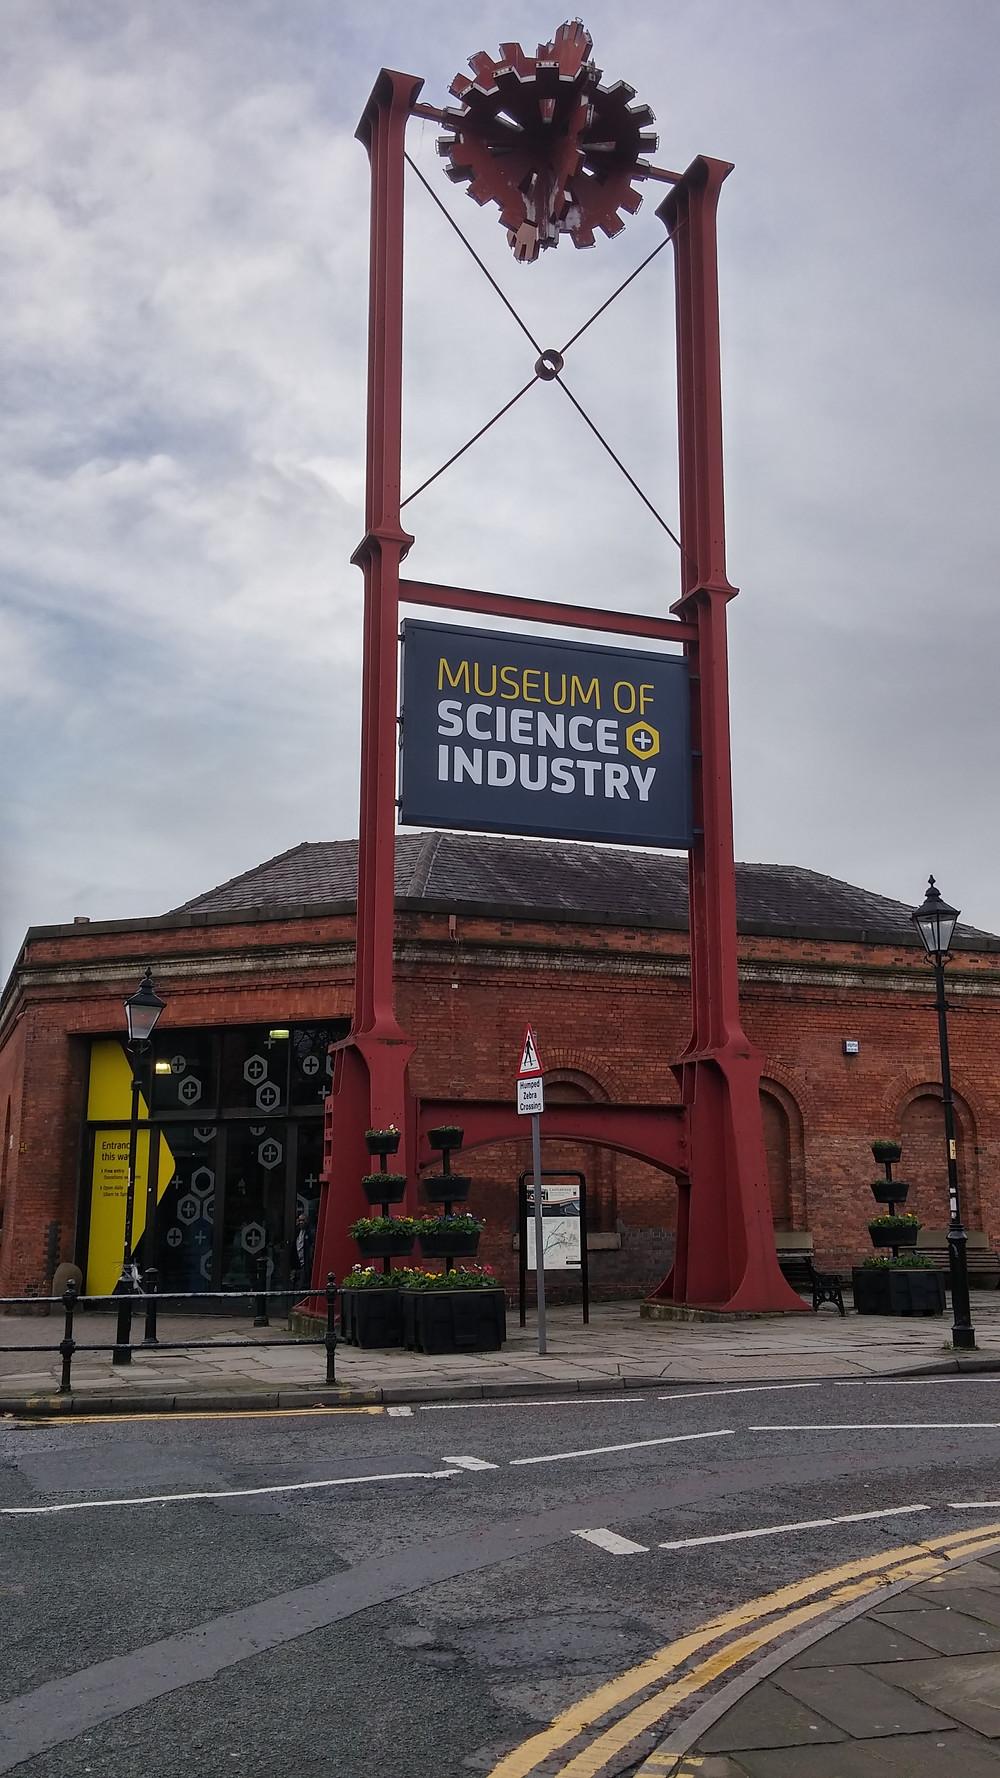 הכניסה למוזיאון המדע